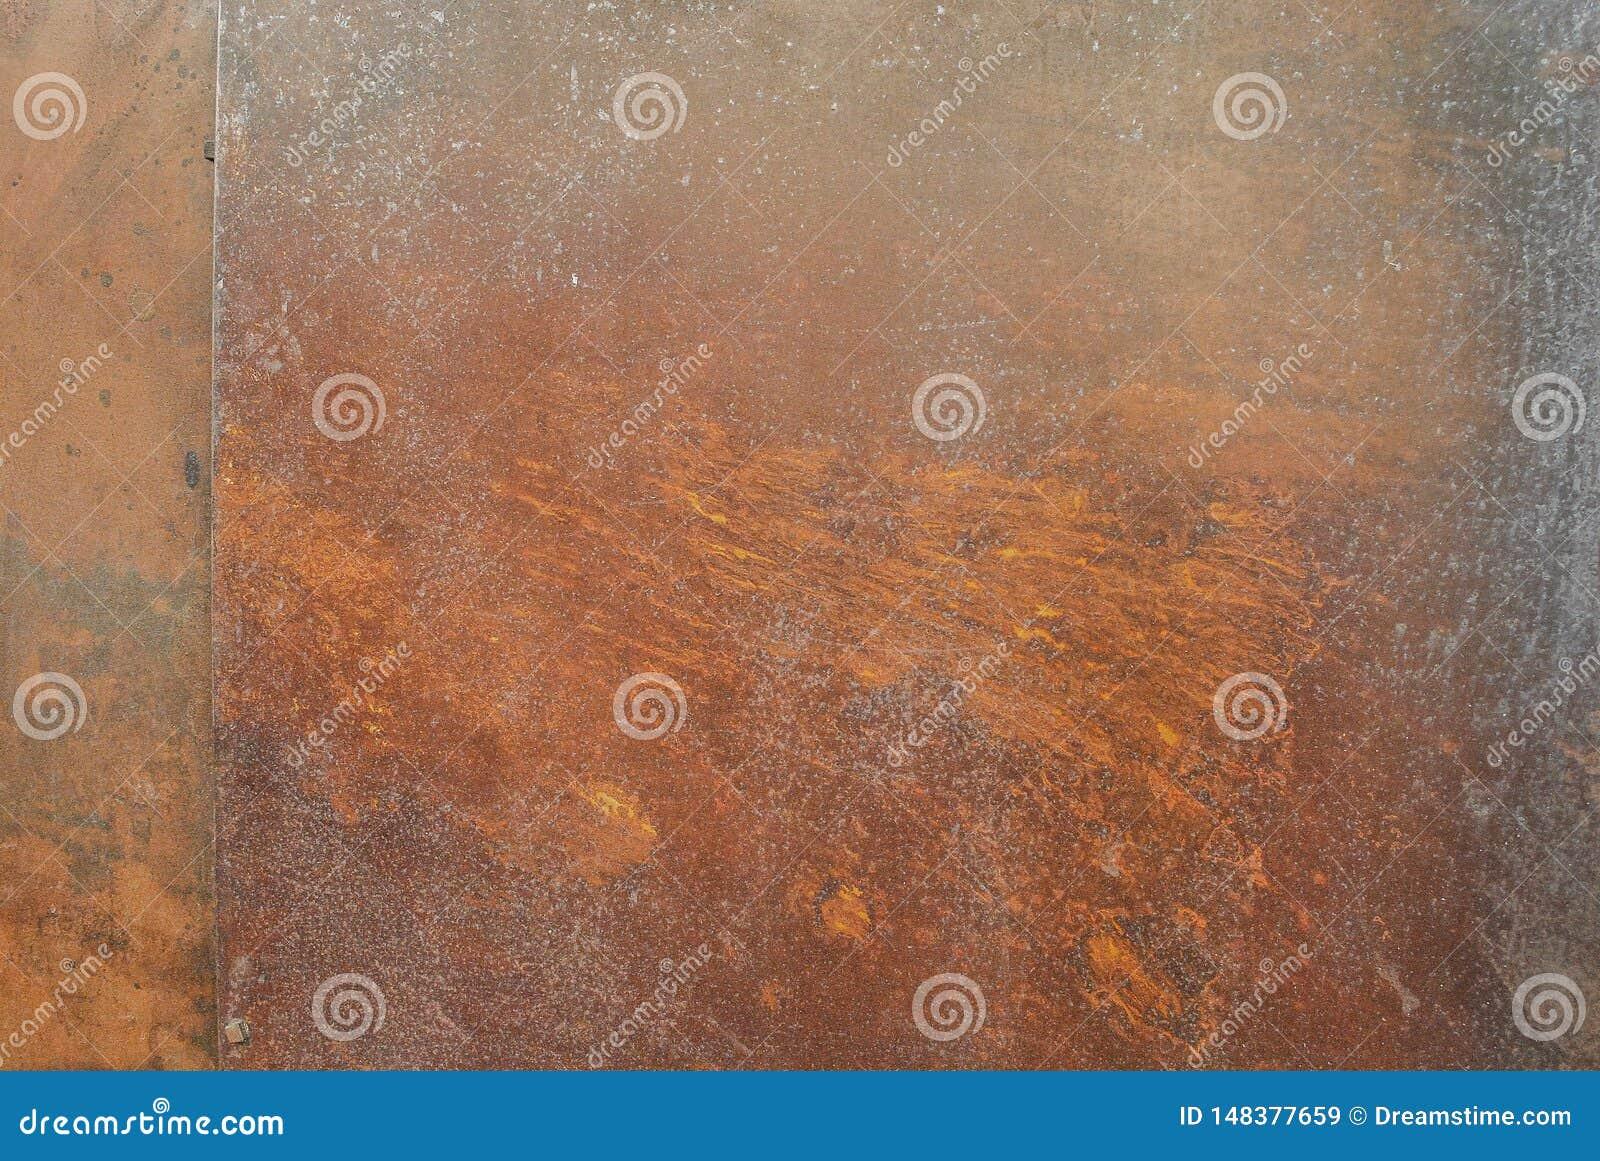 Rostiger Metallbeschaffenheitshintergrund f?r Innenau?endekorations- und Industriebaukonzeptdesign